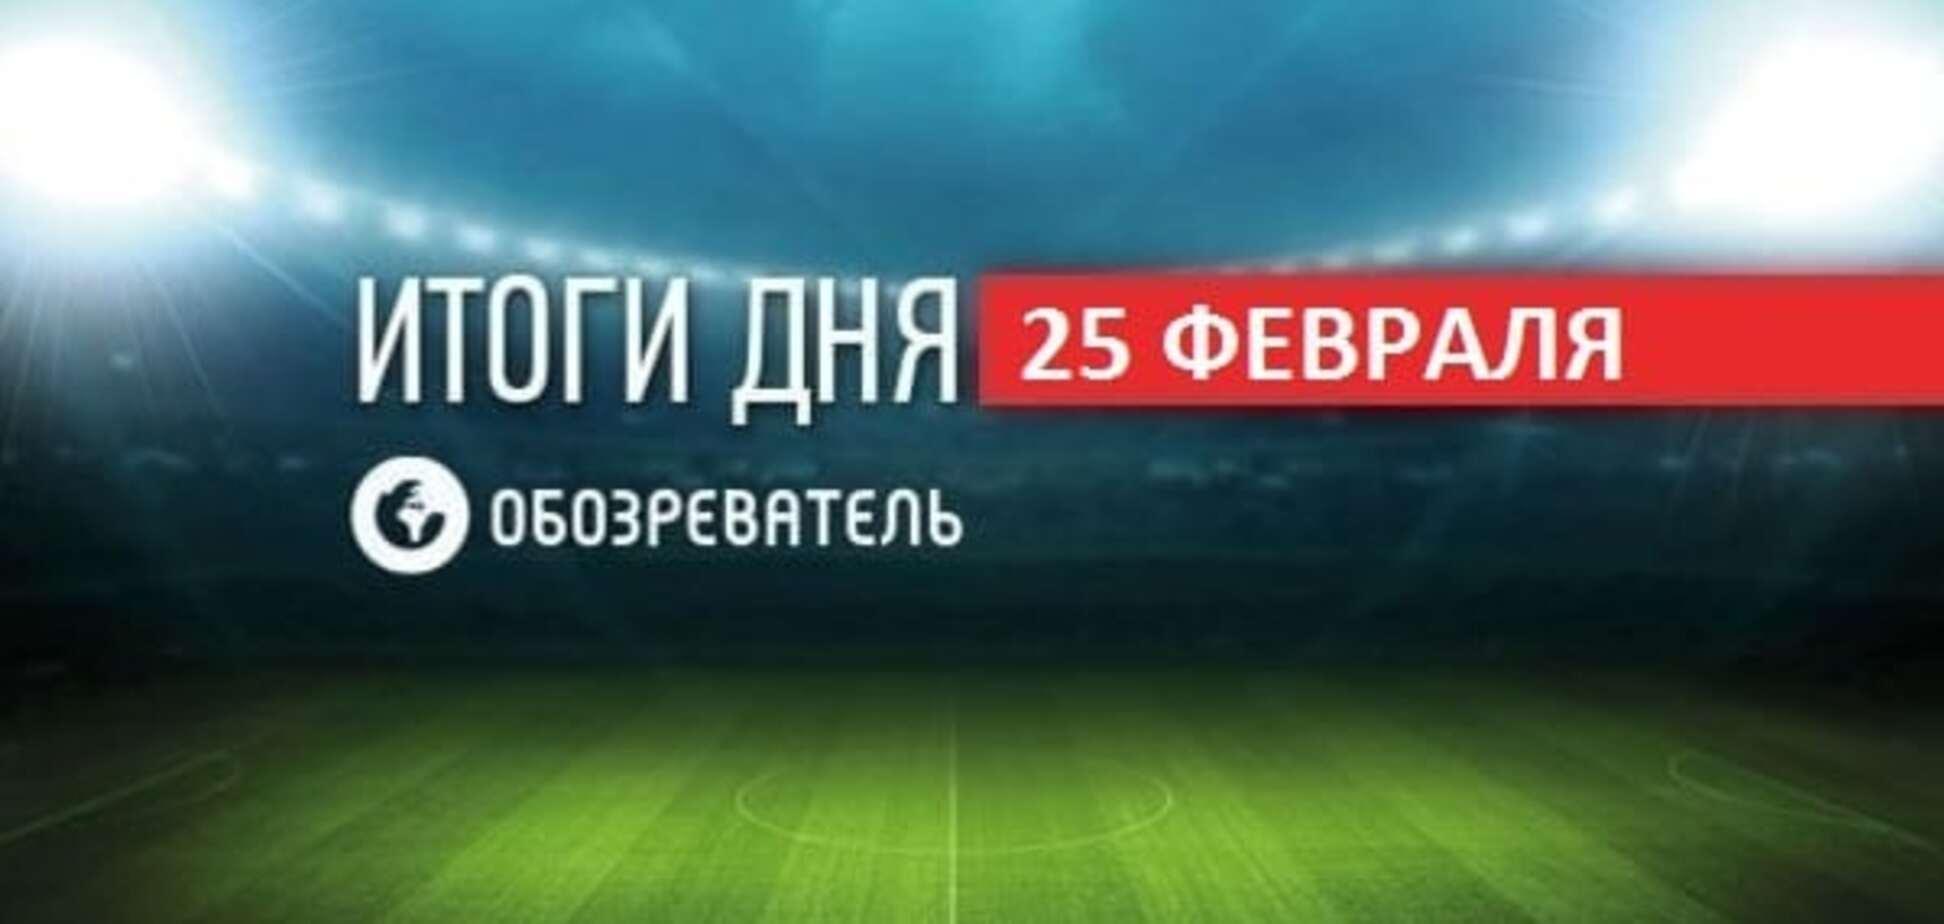 Проблемы 'Динамо' и феерия 'Шахтера'. Спортивные итоги 25 февраля